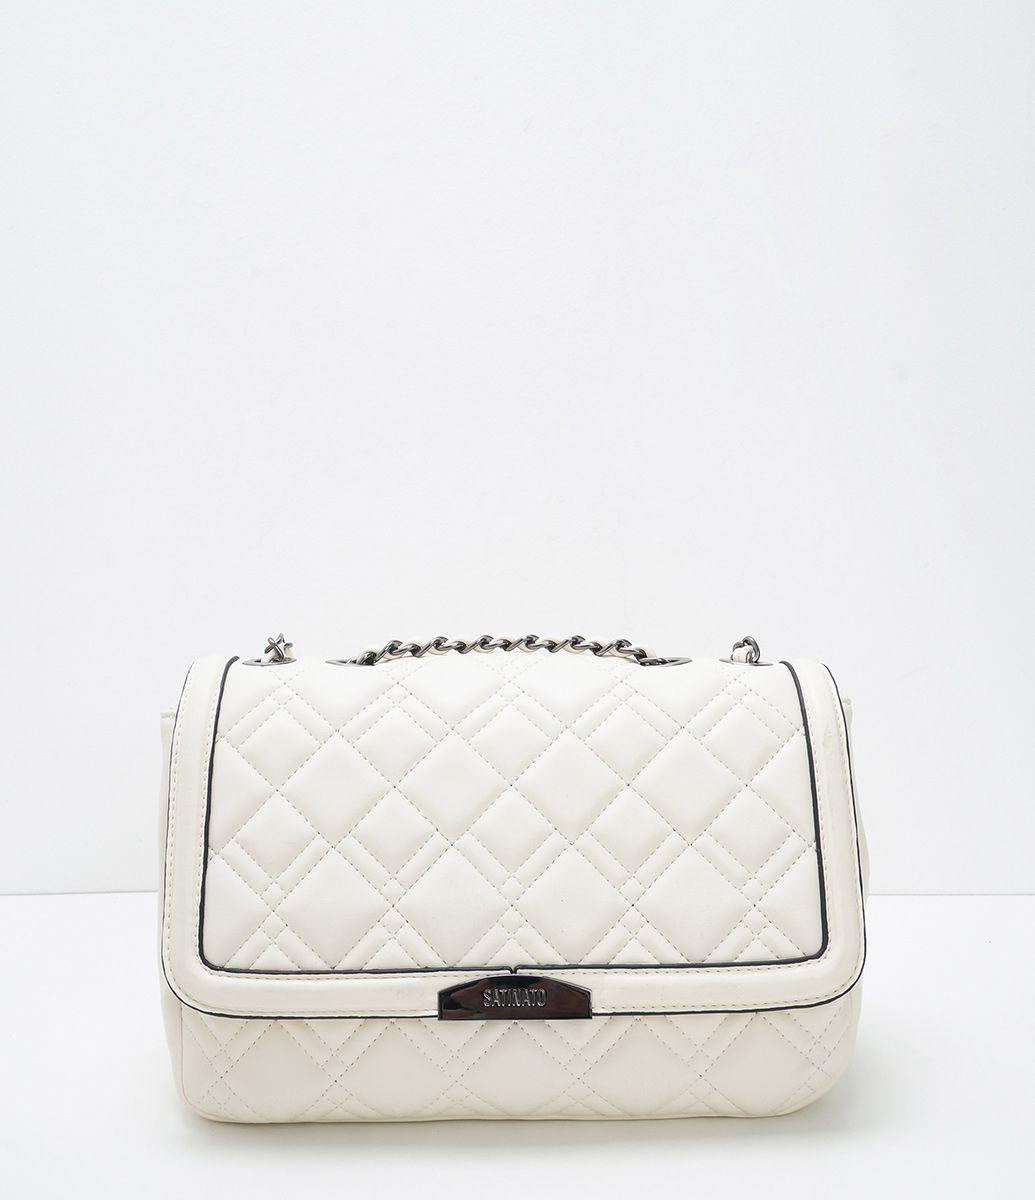 86871724d Bolsa feminina Modelo transversal Com lapela Em matelassê Com duas alças  Marca: Satinato Material: